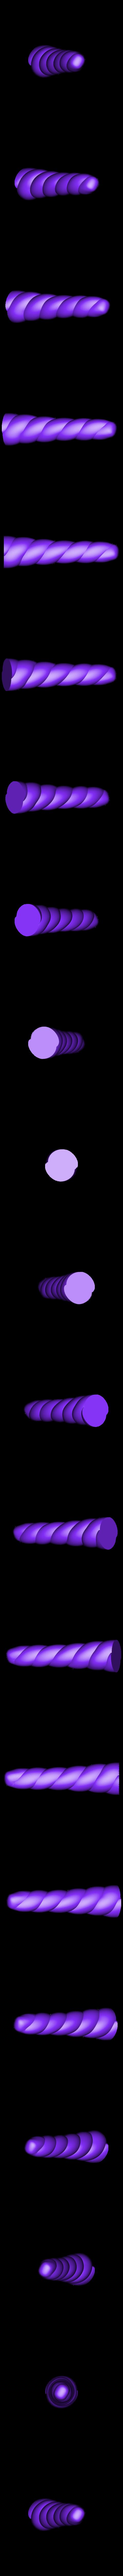 curl.stl Download STL file Unicorn Dildo • 3D printable object, cokinou